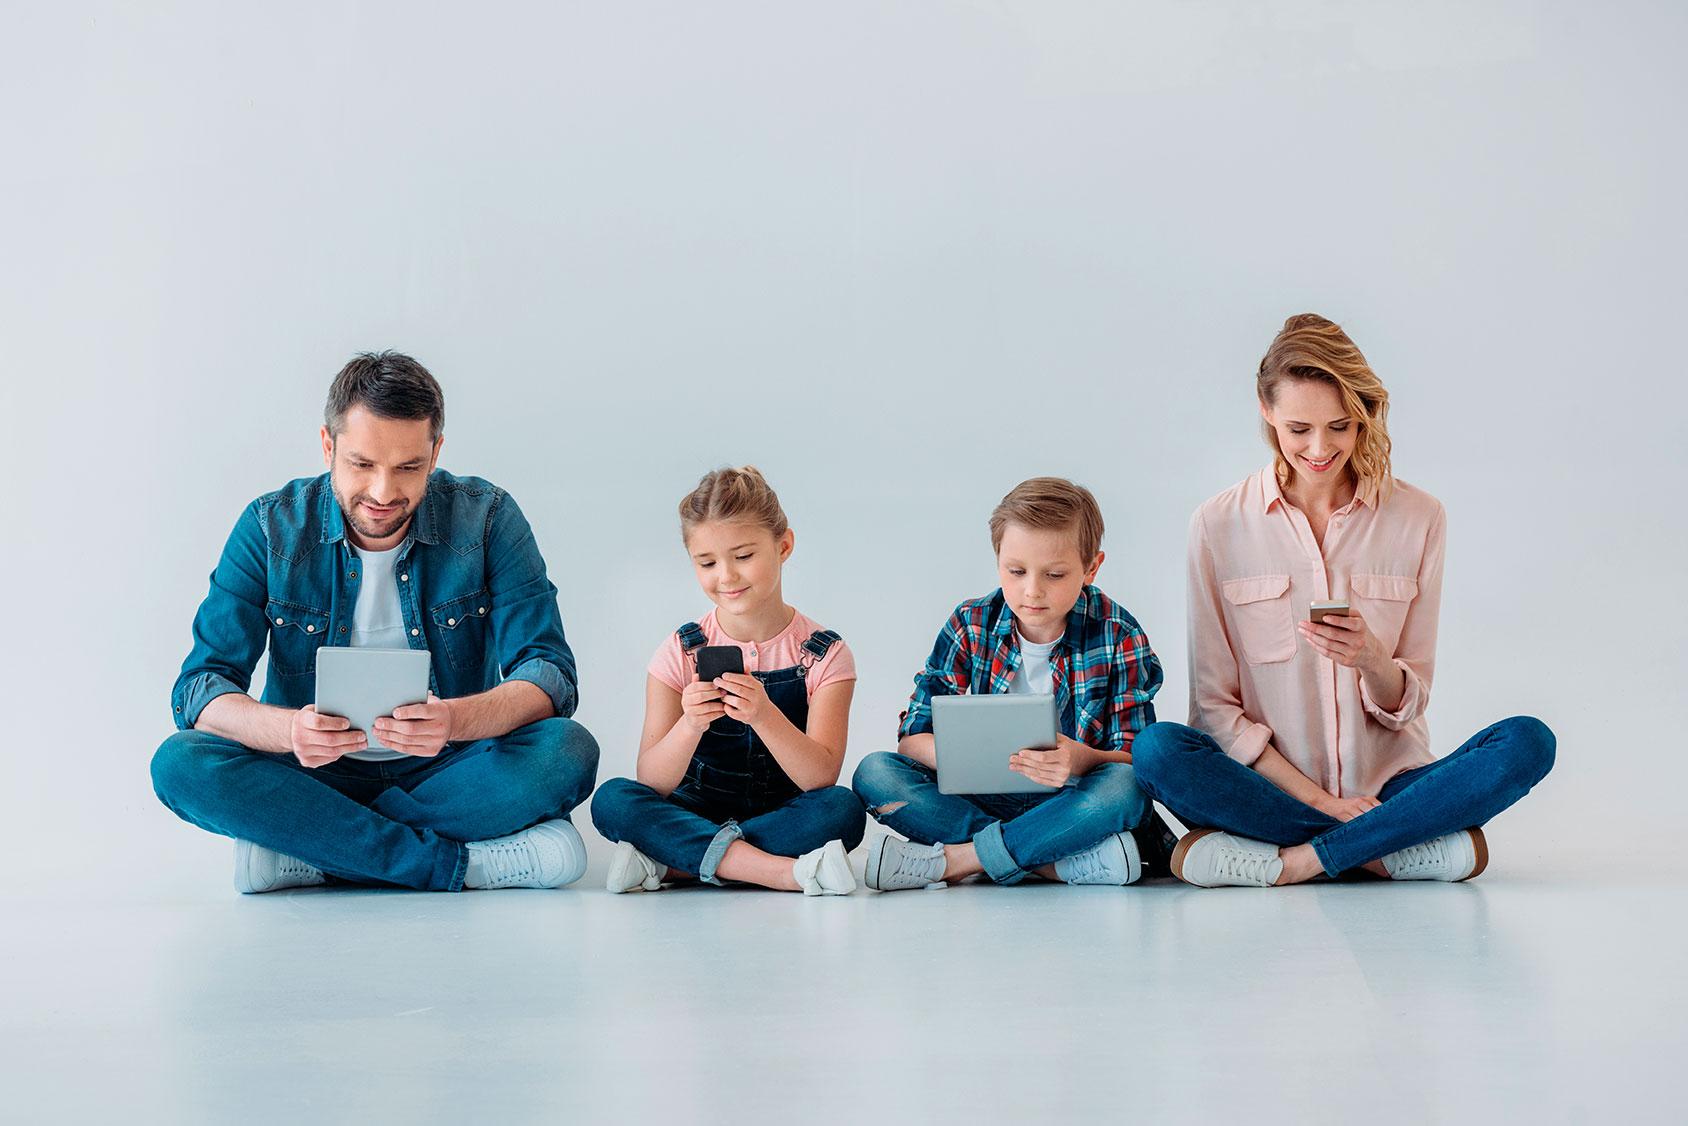 Sistemas de localización, monitoreo y cooperación para toda la familia